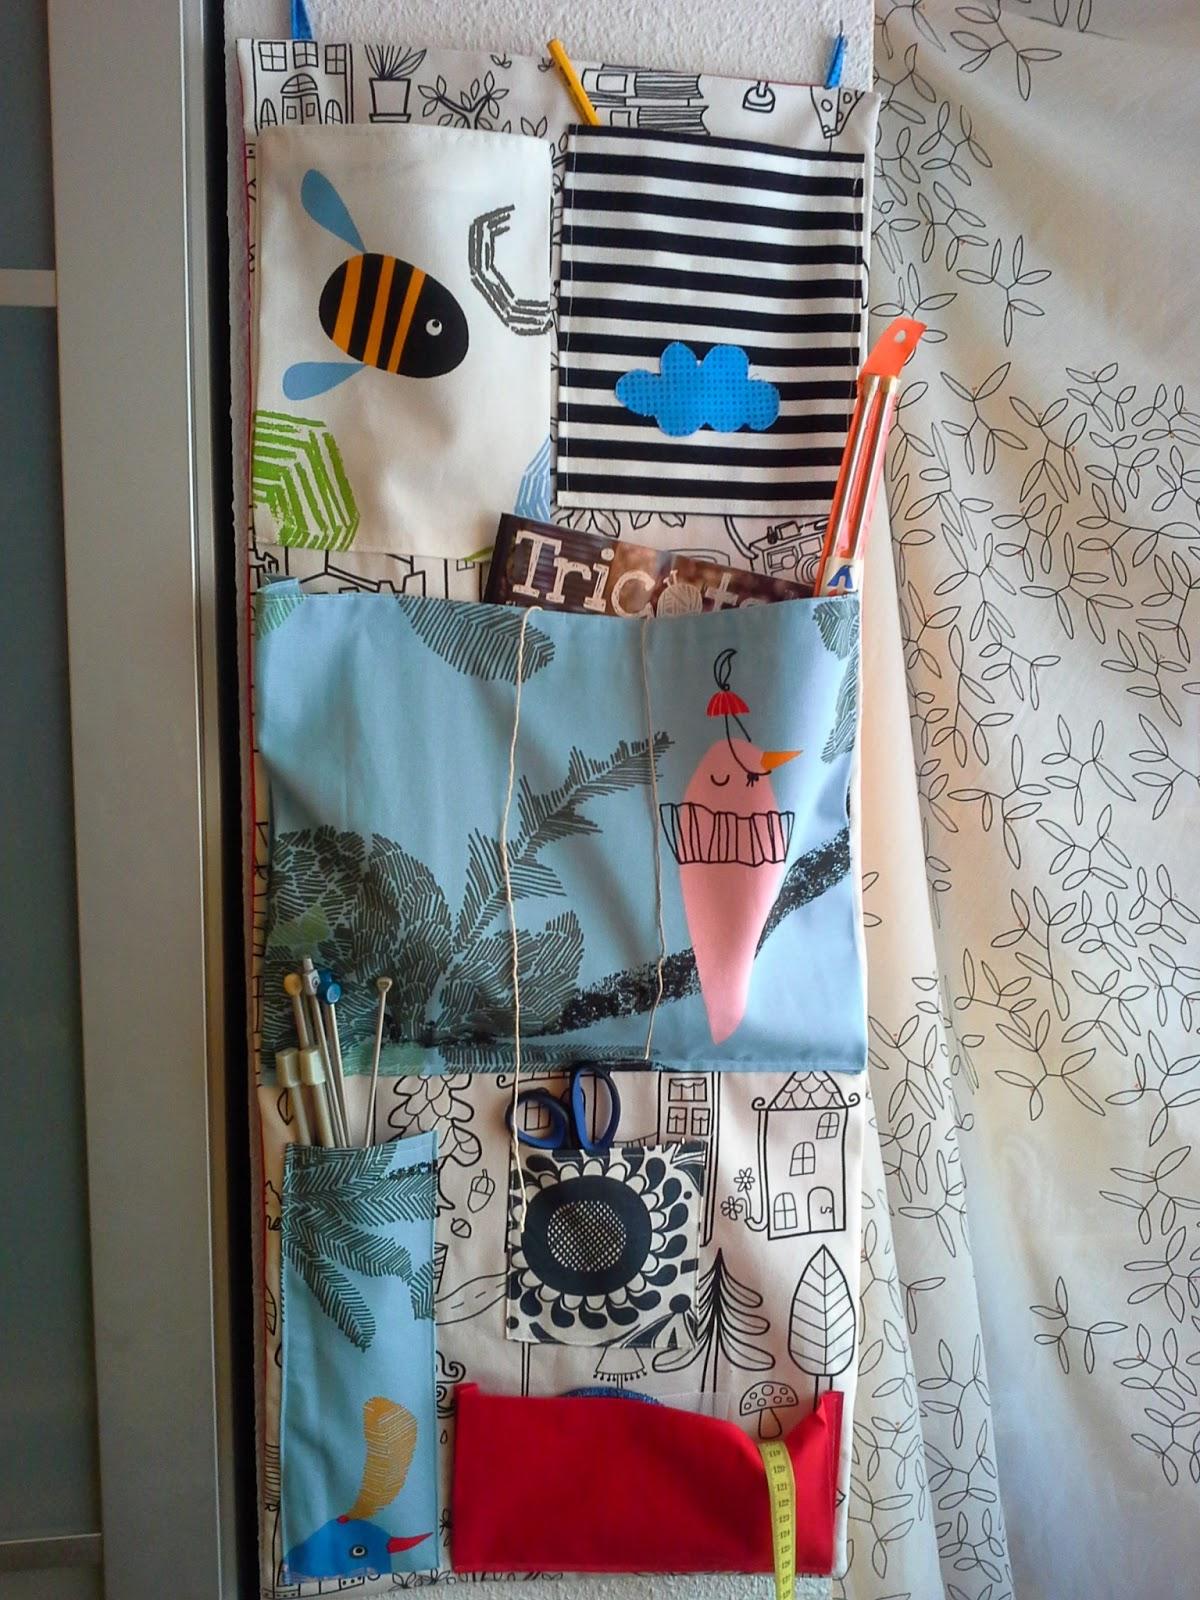 Alfamatic aprende a coser haciendo un organizador de pared con sobrantes de tela - Bolsos de tela hechos en casa ...